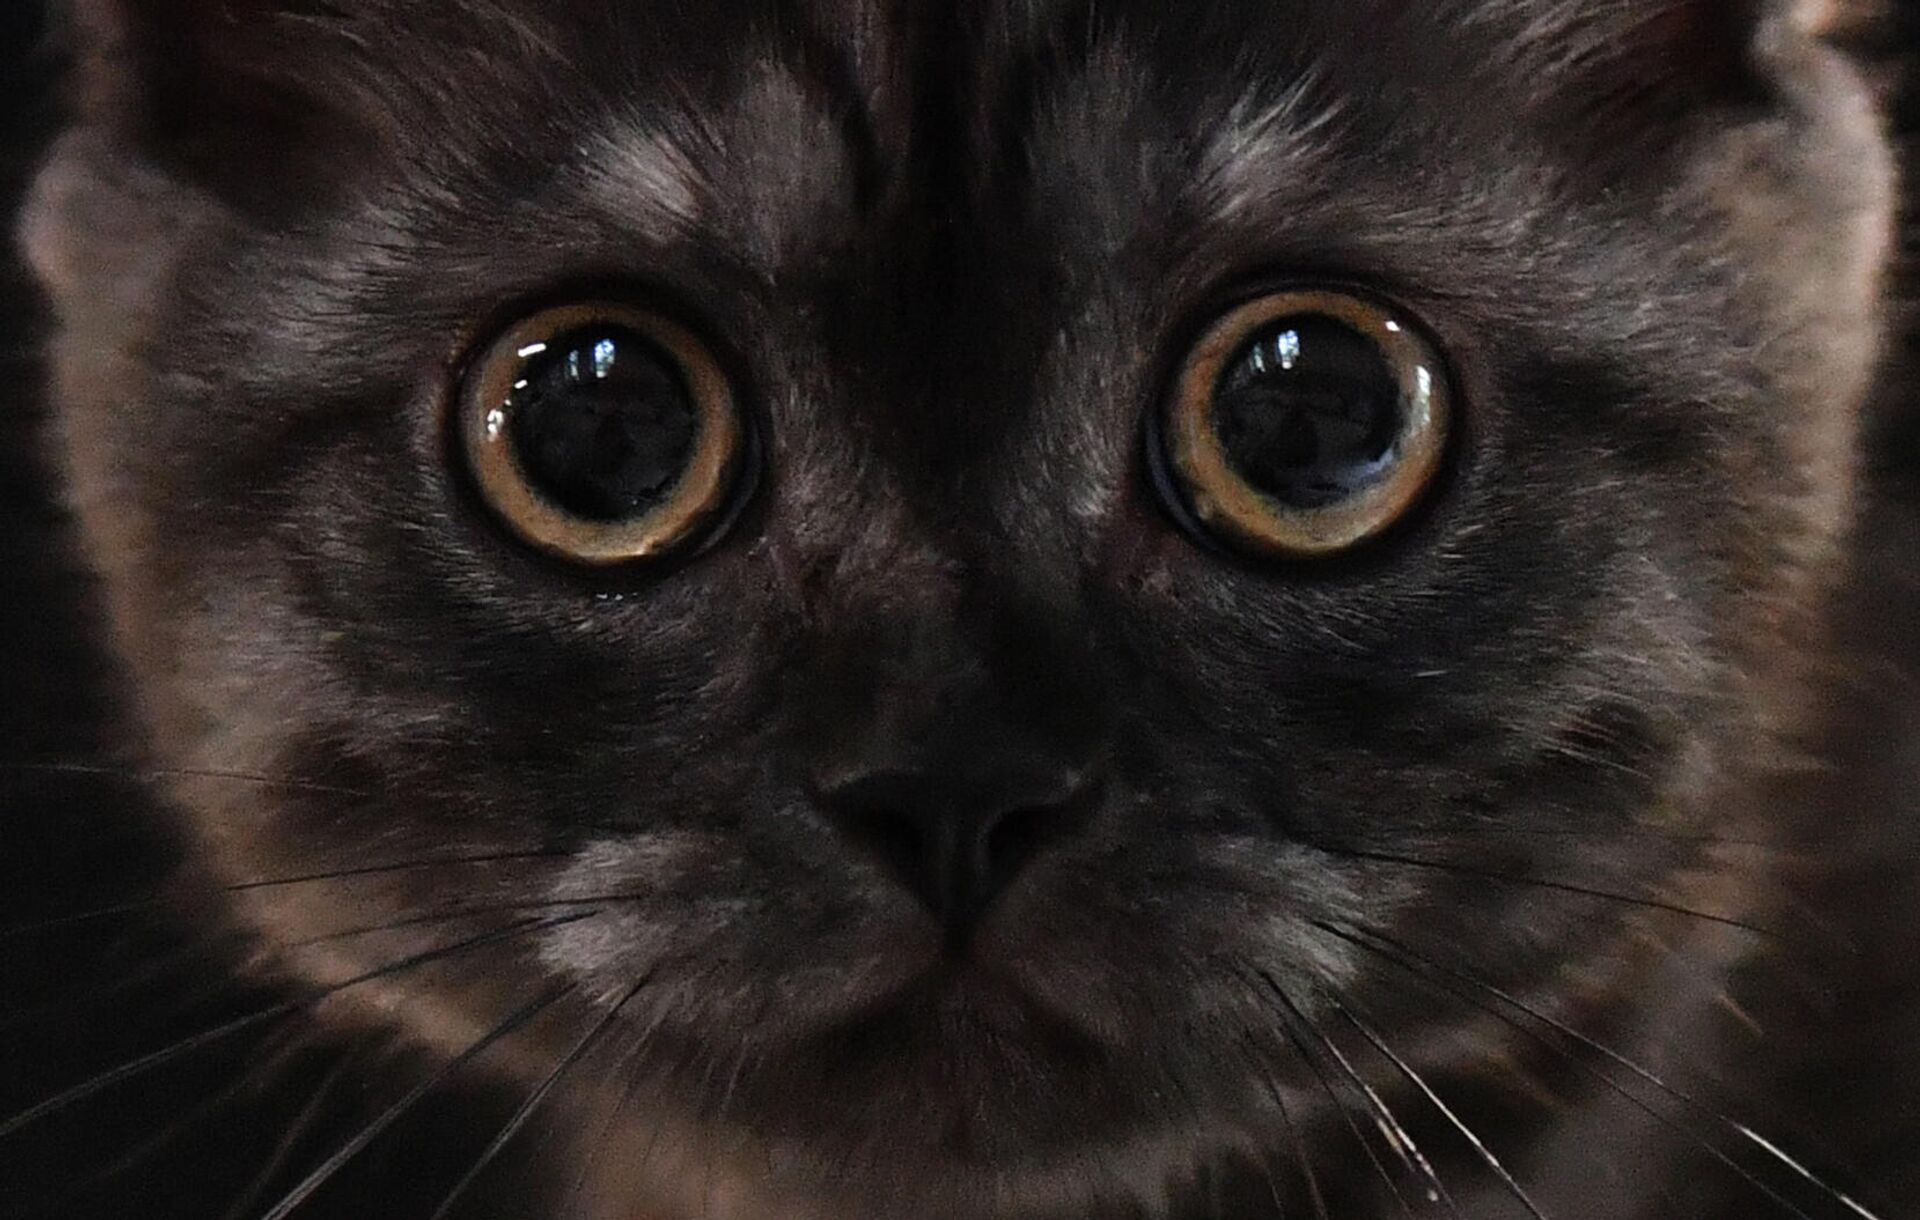 Кошка британской породы на выставке КоШарики Шоу в Москве - РИА Новости, 1920, 28.09.2021